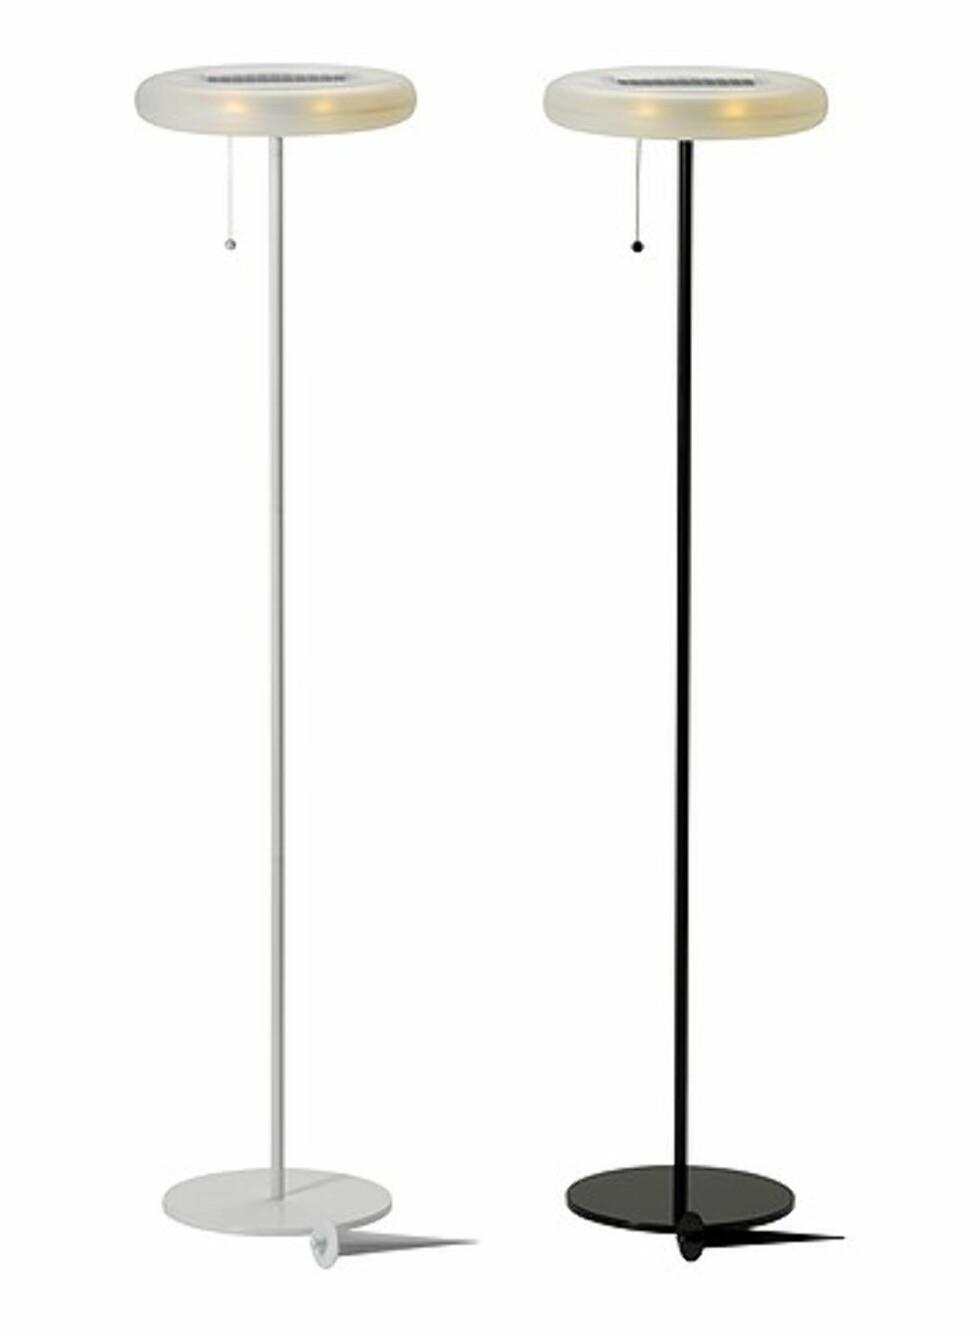 Stålampe fra Ikea - 269 kroner per stykk